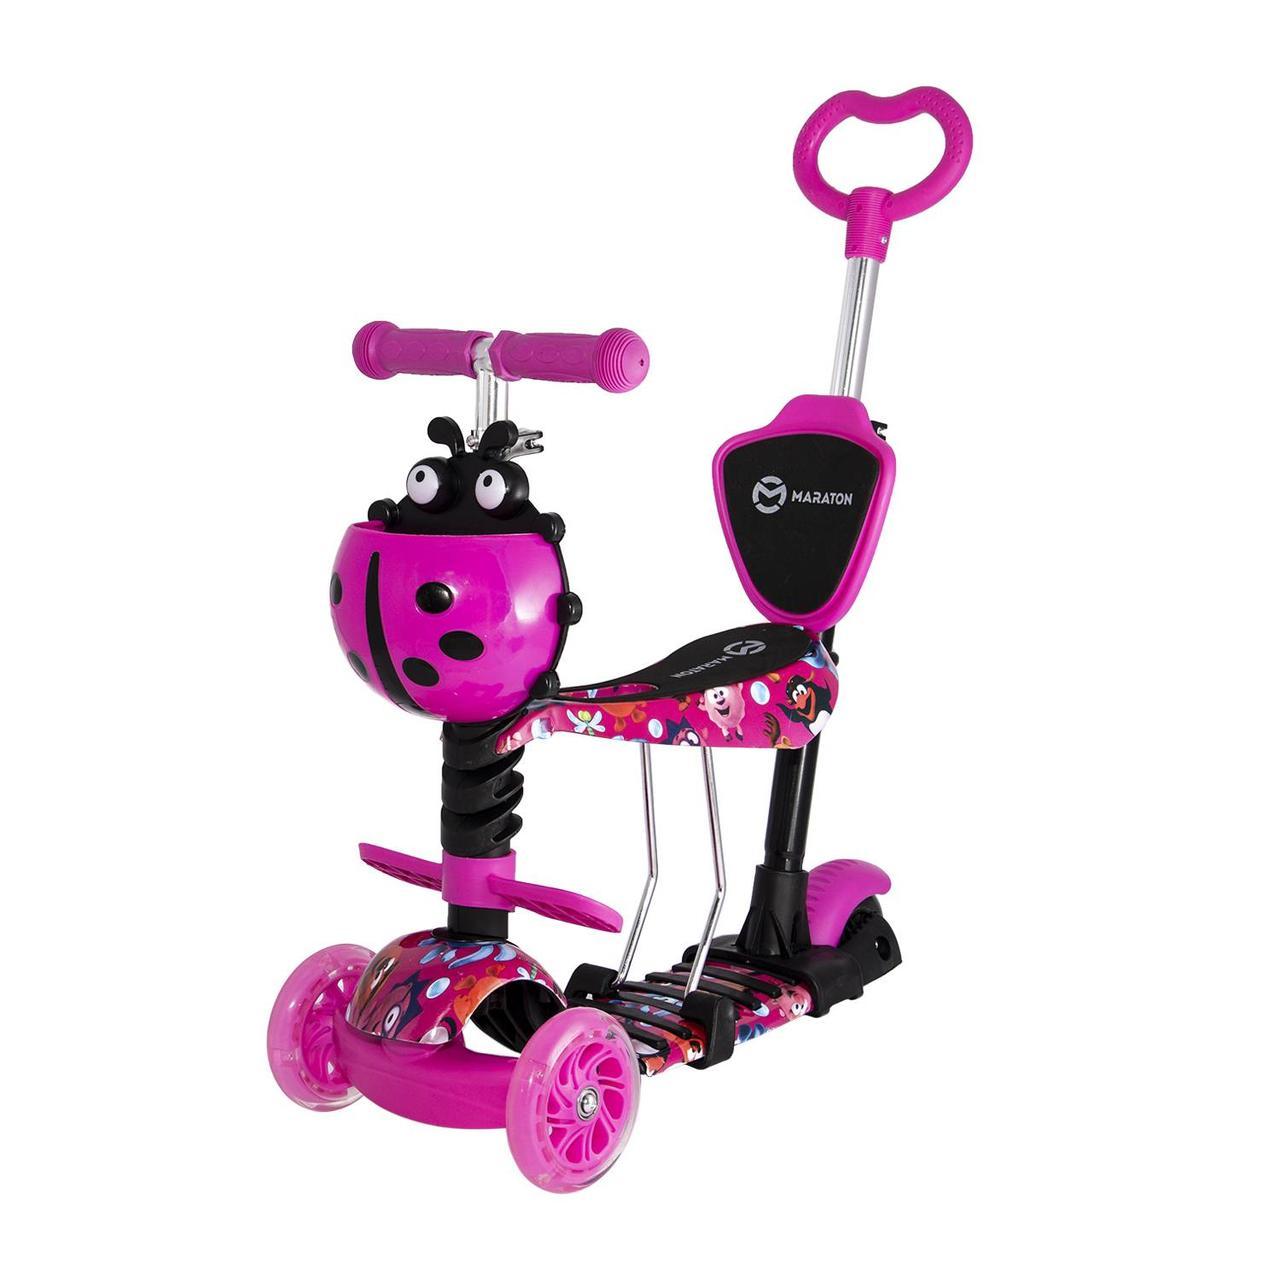 Детский самокат-беговел Maraton Fly трехколесный с корзиной и родительской ручкой (розовый)